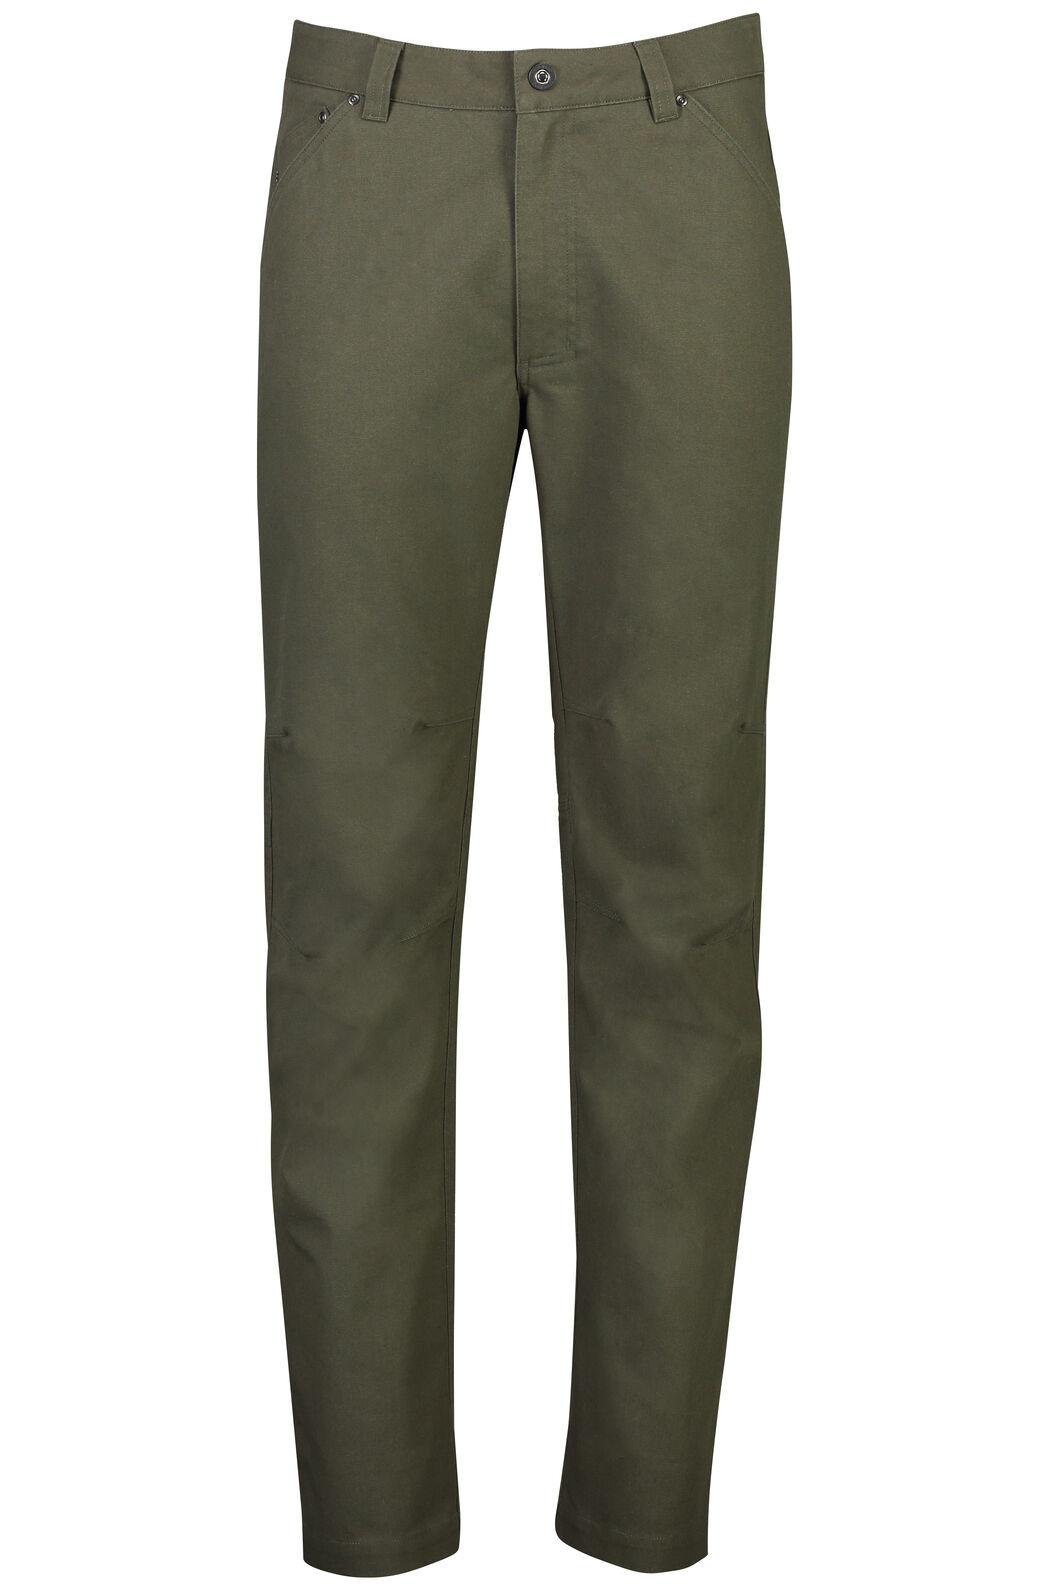 Macpac Navigator Pants - Men's, Peat, hi-res